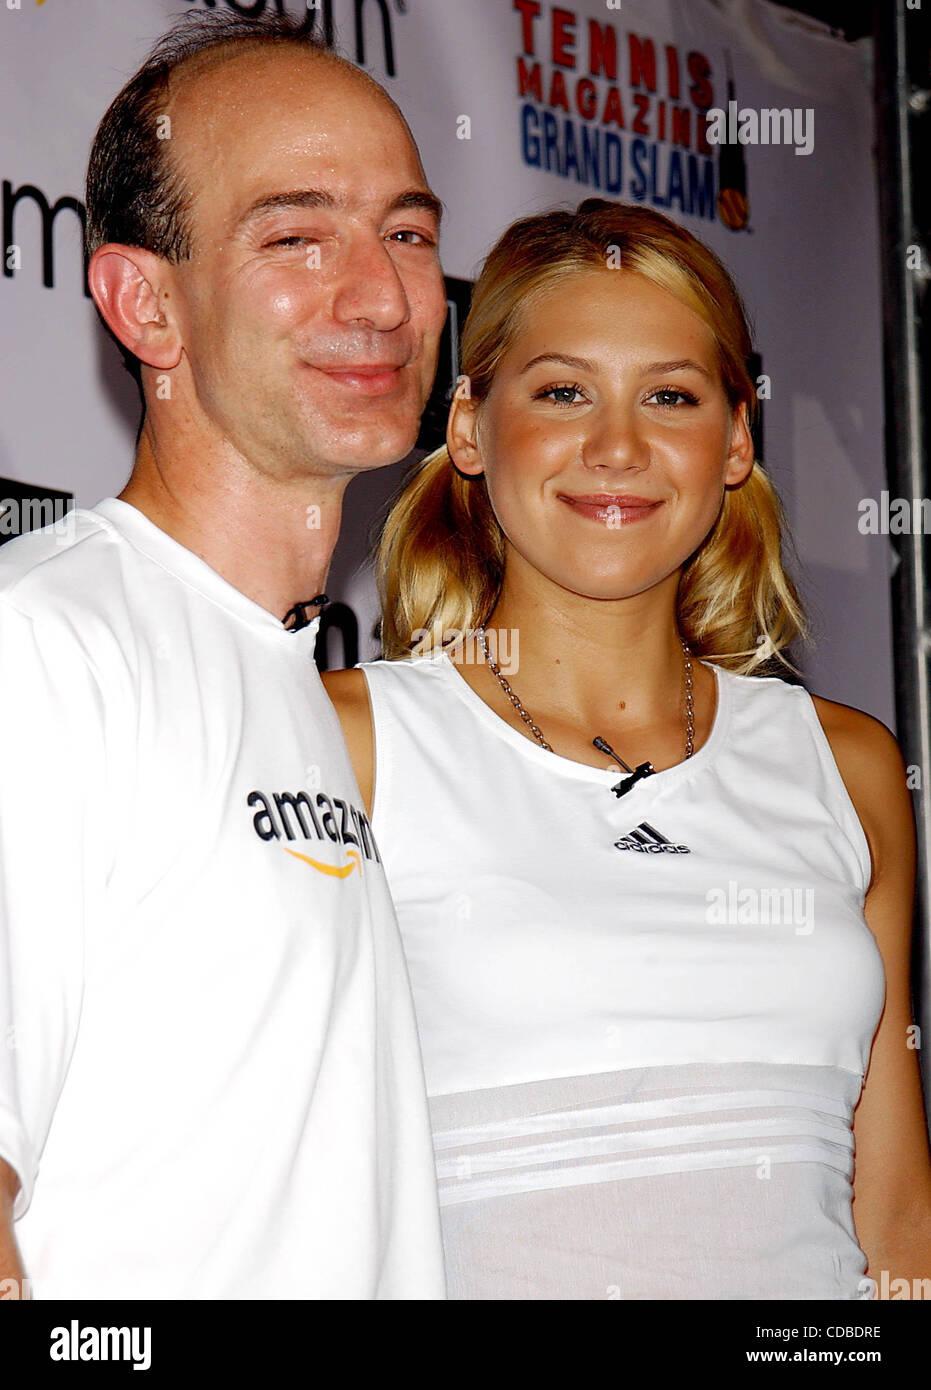 K32368AR.Anna Kournikova y Jeff Bezos (AMAZON.COM) .Presentar ANNA'S NUEVO SUJETADOR DEPORTIVO, .''Amortiguador''.EN LA REVISTA DE TENIS; .GRAND SLAM TENNIS DURANTE TODO EL DÍA .festival celebrado en GRAND CENTRAL TERMINAL DE VANDERBILT Hall de Nueva York, Nueva York. .22/08/2003. / 2003(Crédito Imagen: © Andrea Renault Foto de stock